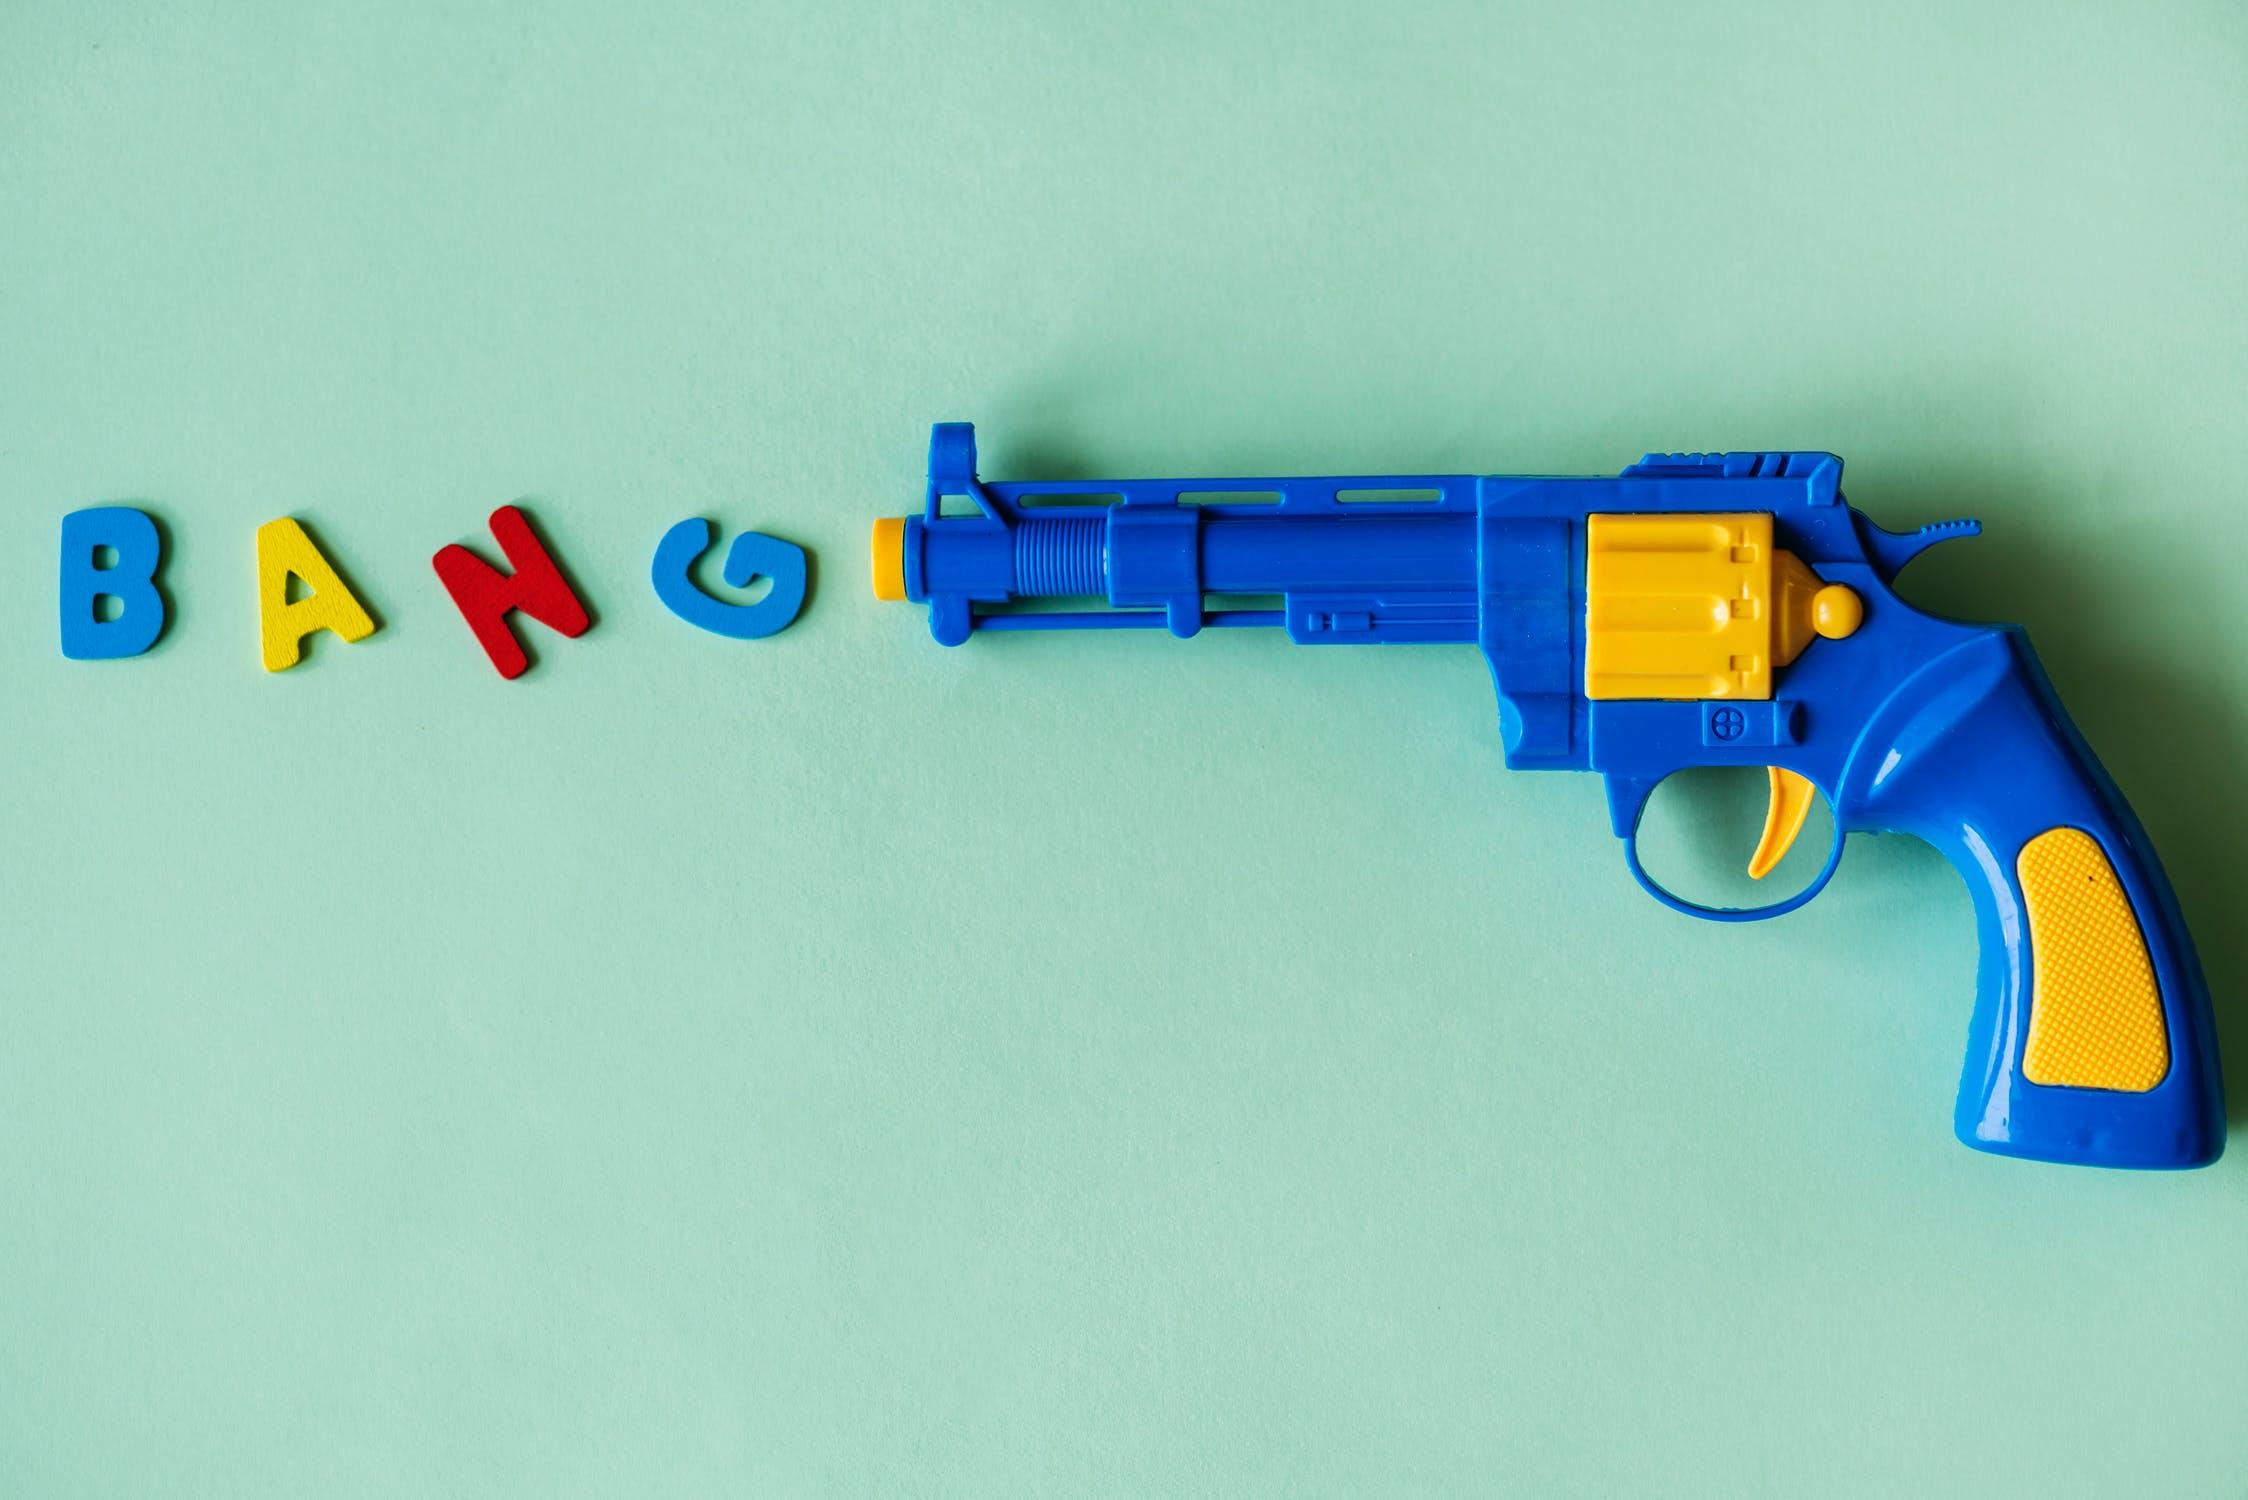 Les États-Unis comptent sur Google, Twitter, Facebook, etc. pour limiter les armes imprimées en 3D